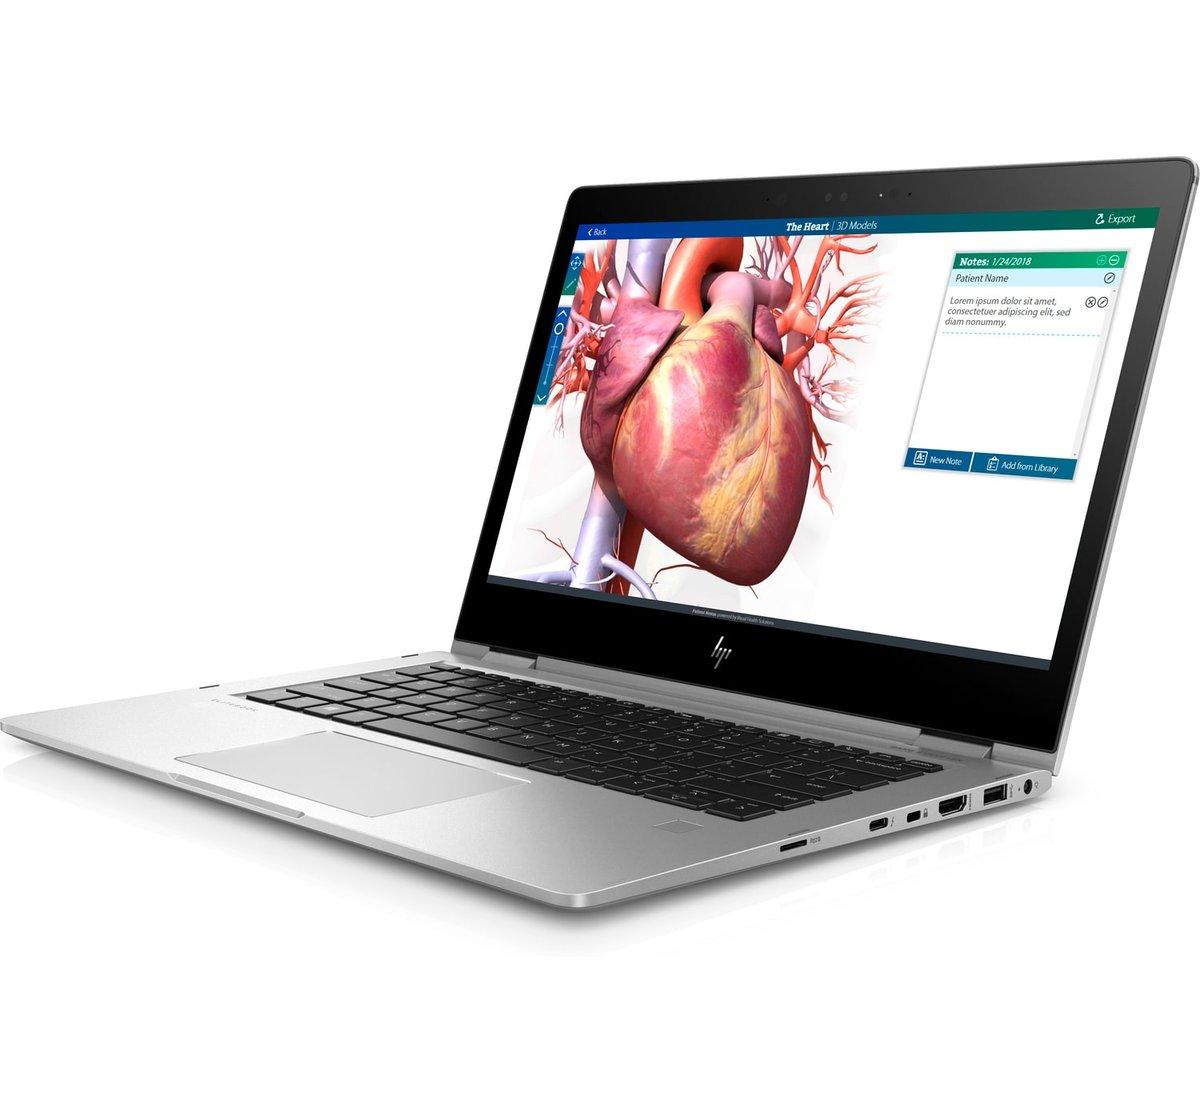 จำหน่าย HP EliteBook x360 1030 G2 Notebook Business Laptop